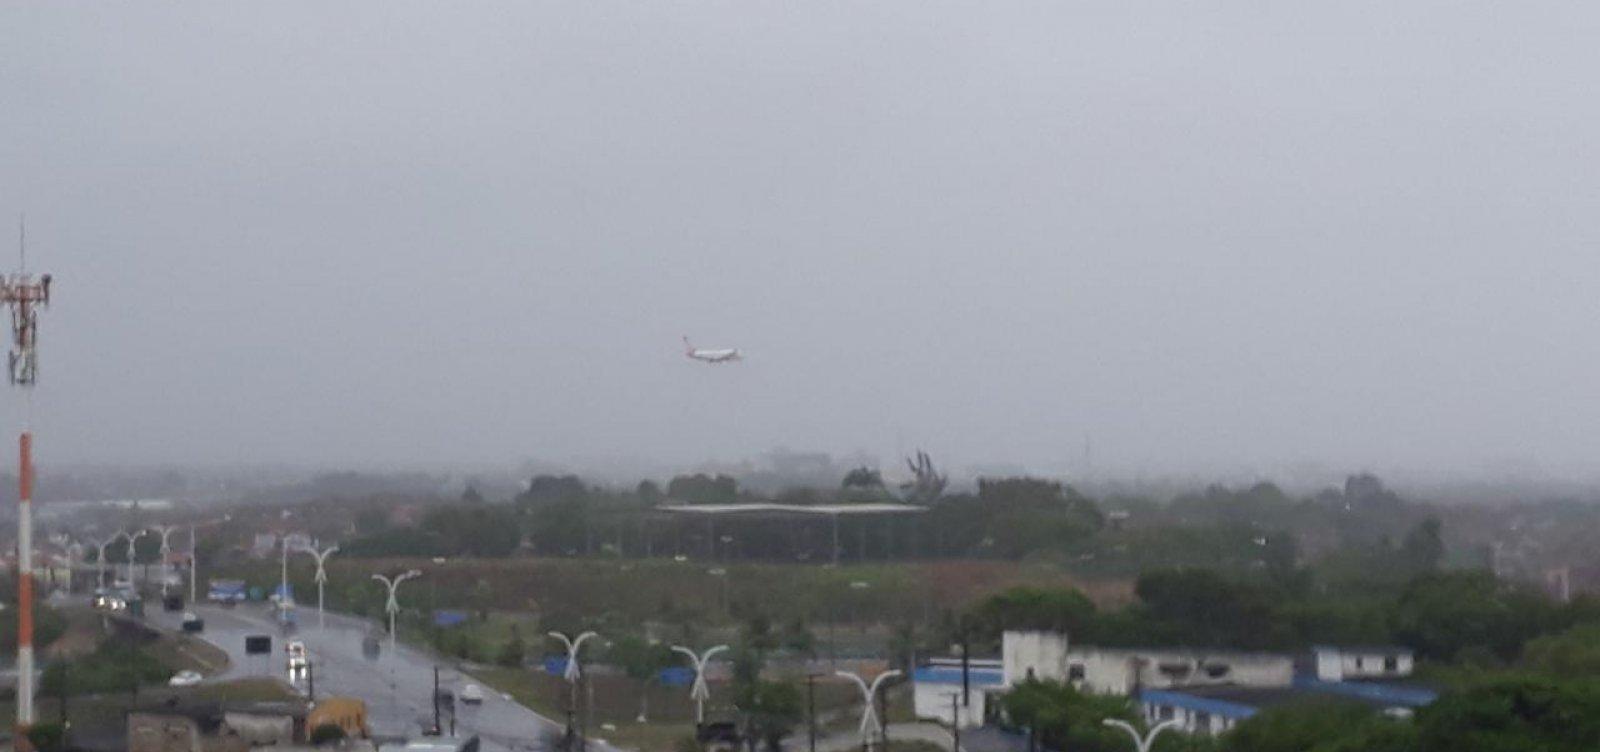 Voos arremetem e não conseguem pousar no aeroporto de Salvador por chuva